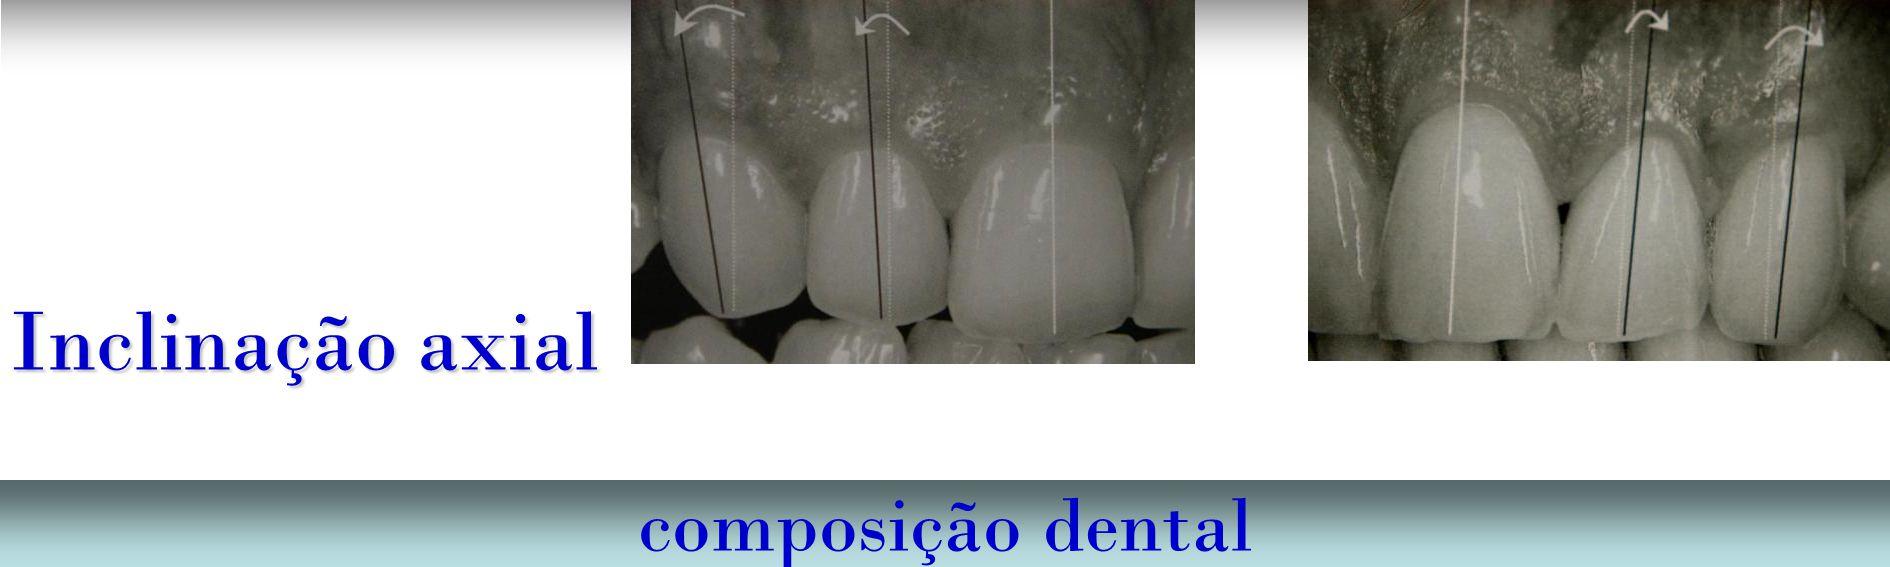 Inclinação axial composição dental